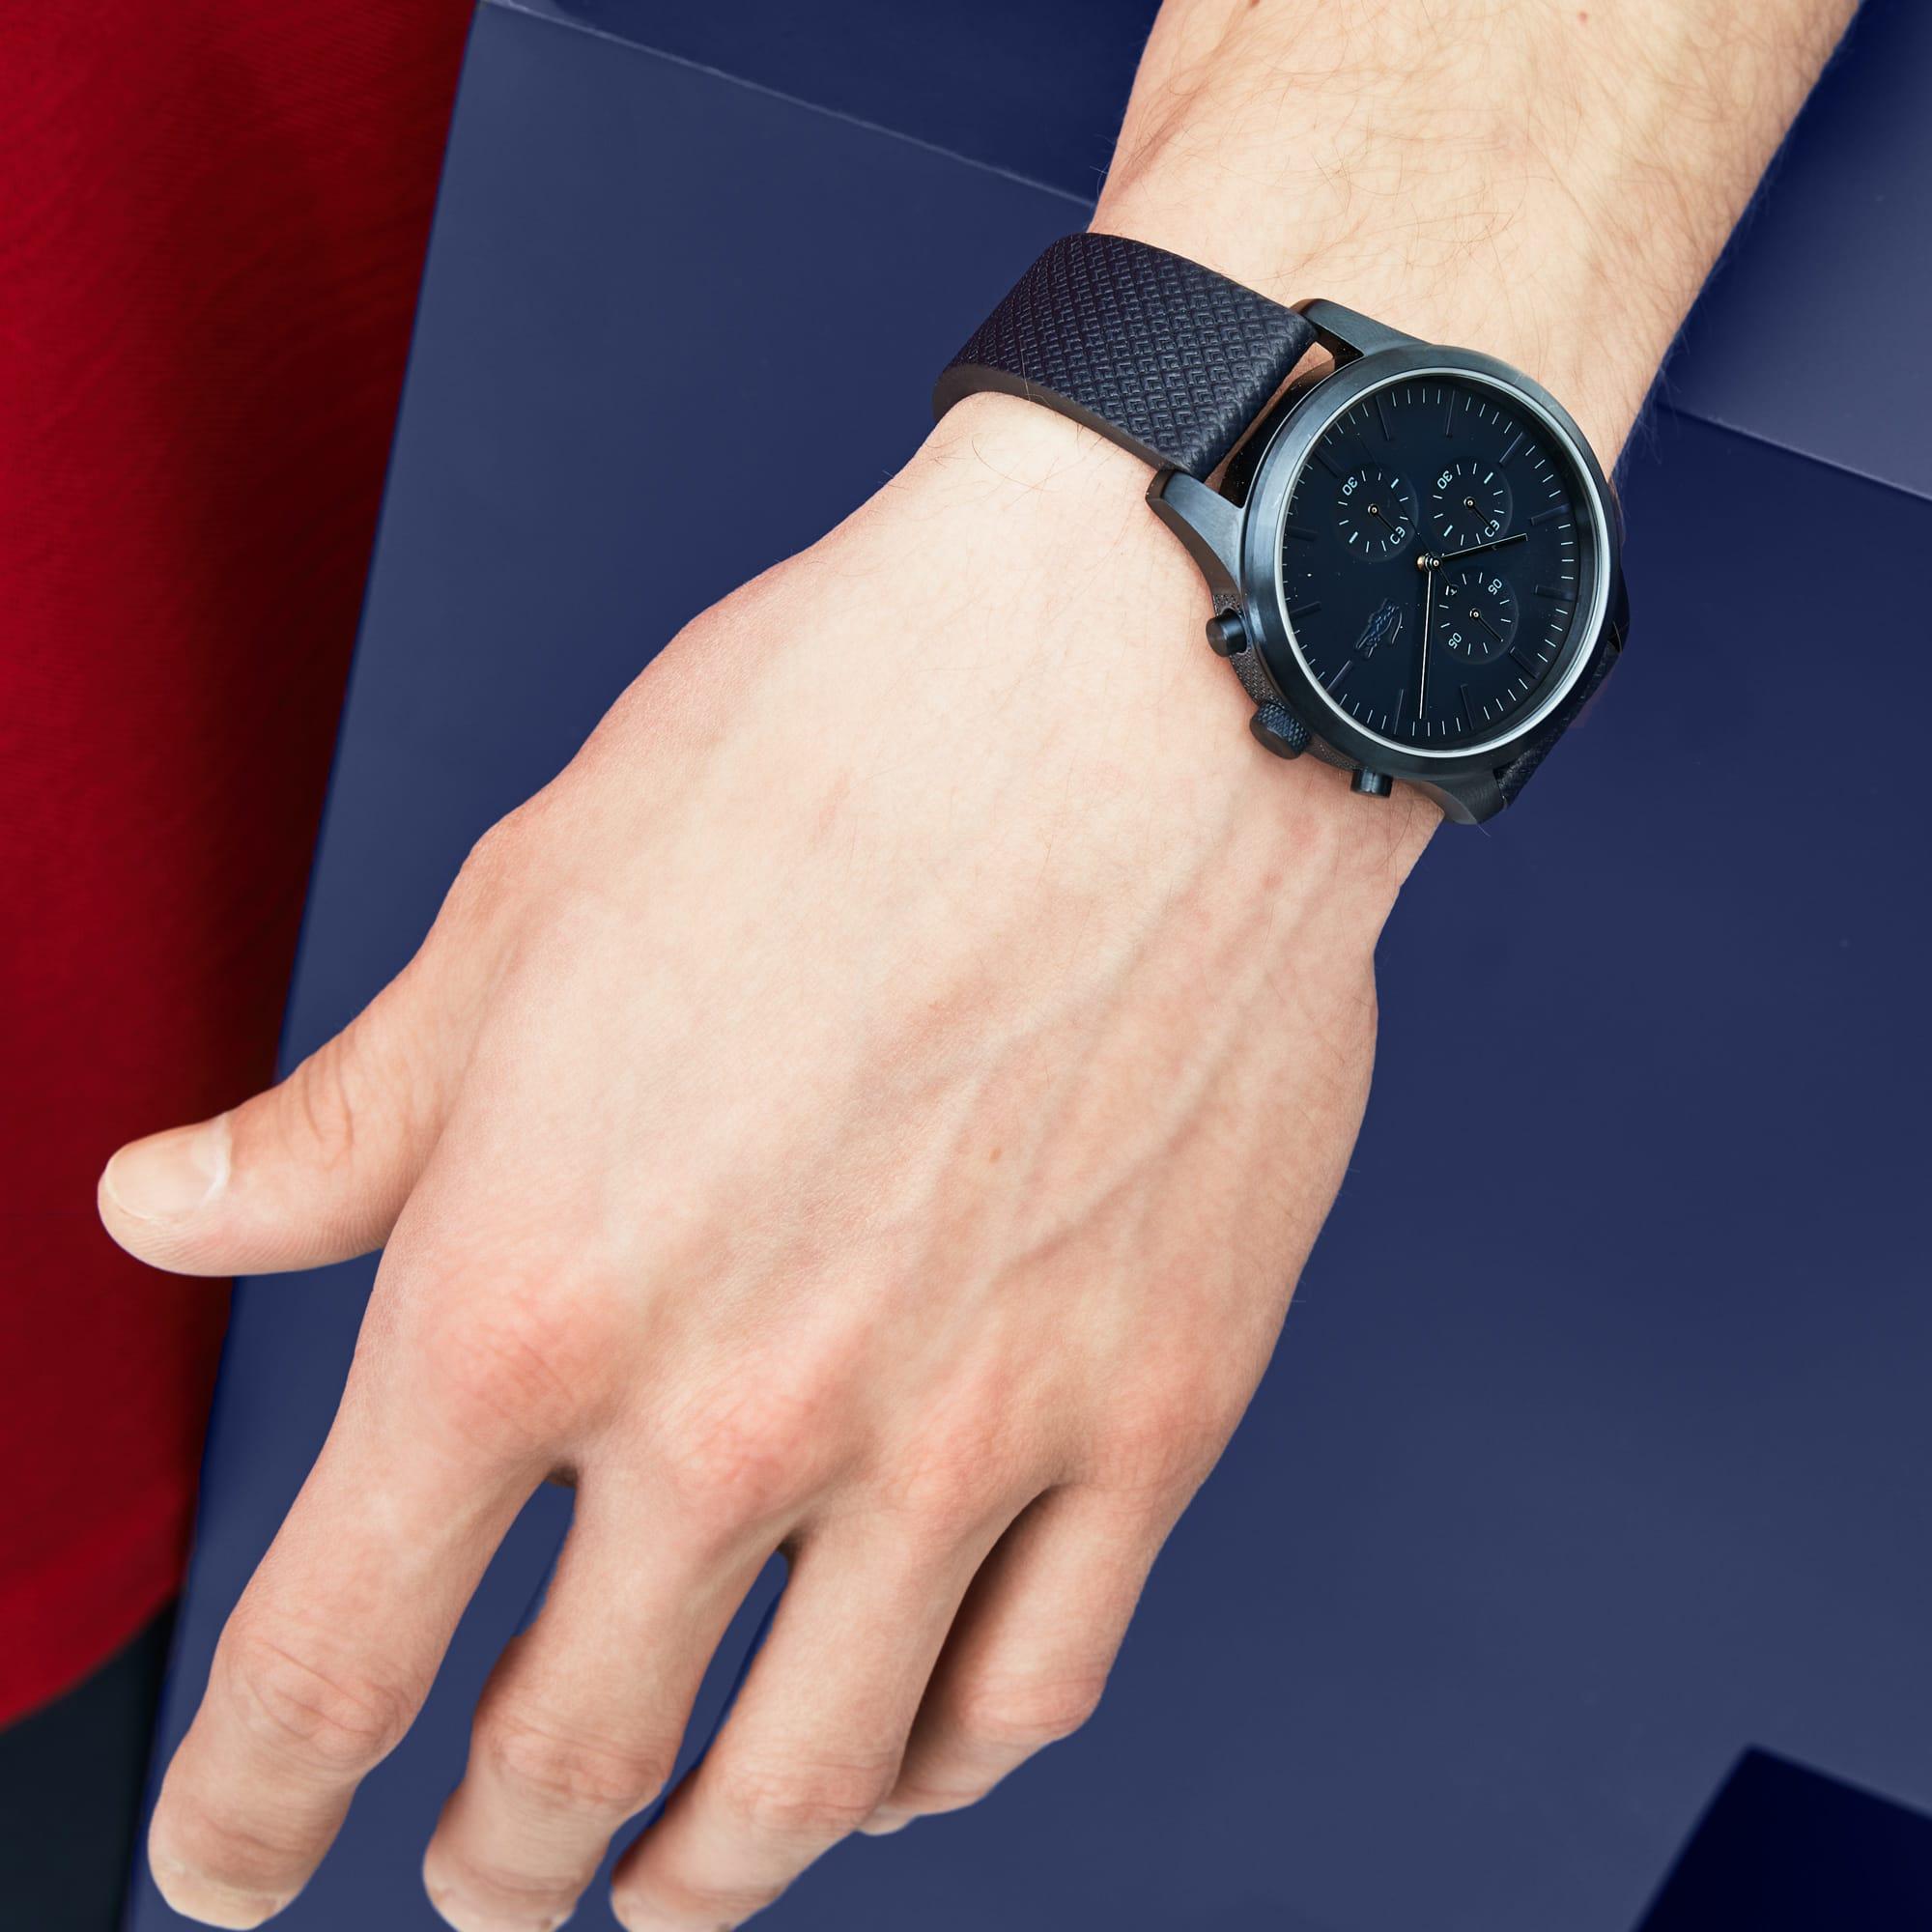 Montre Chronographe Lacoste12.12 Homme Spéciale85e Anniversaire avec Bracelet Bleu en Petit Piqué et Cuir Repoussé